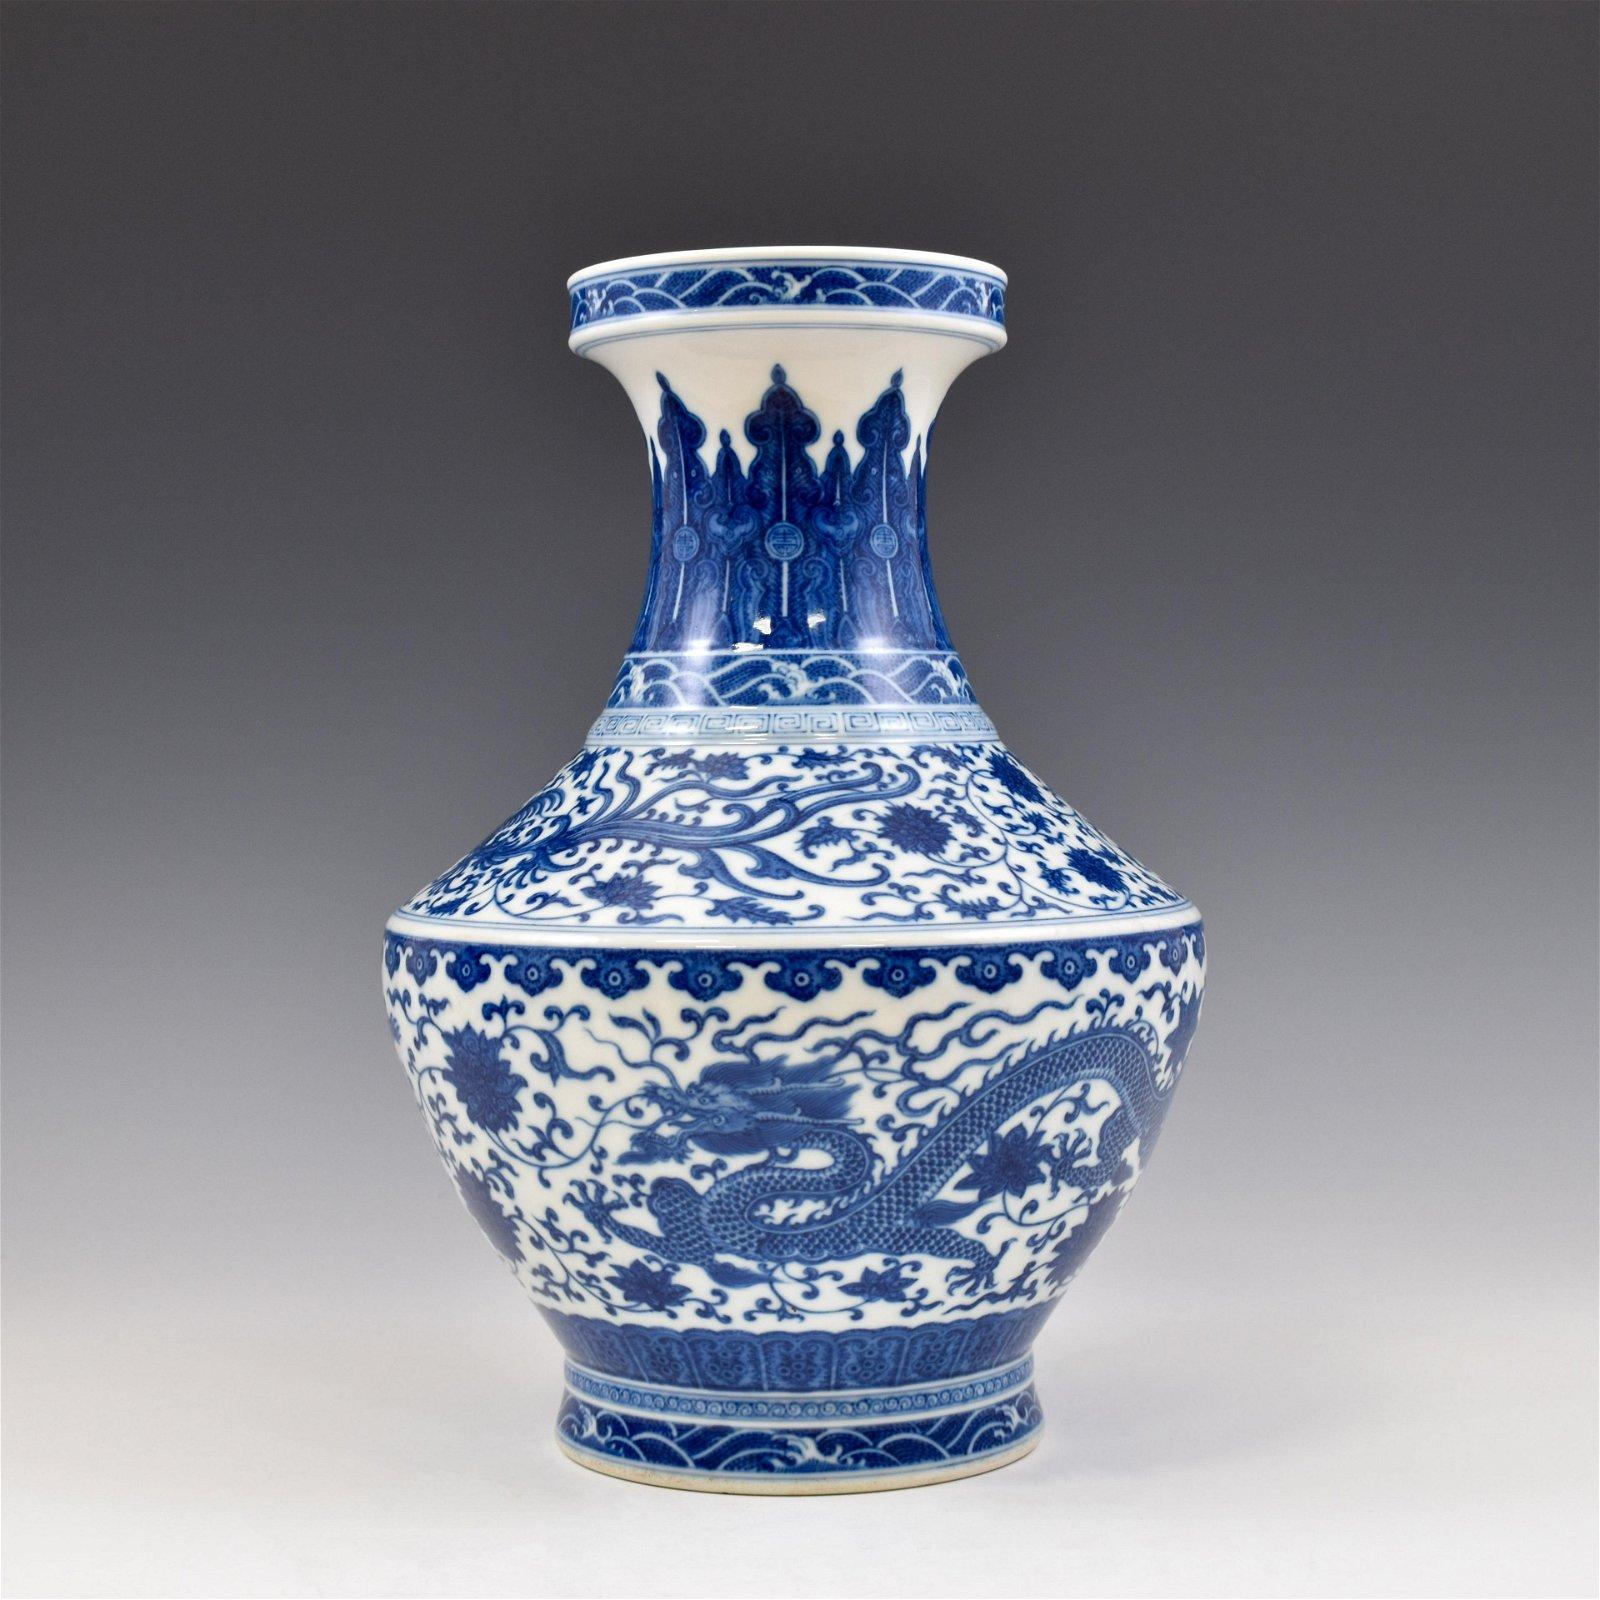 QIANLONG BLUE & WHITE DRAGON WRAPPED FLORAL ZUN VASE